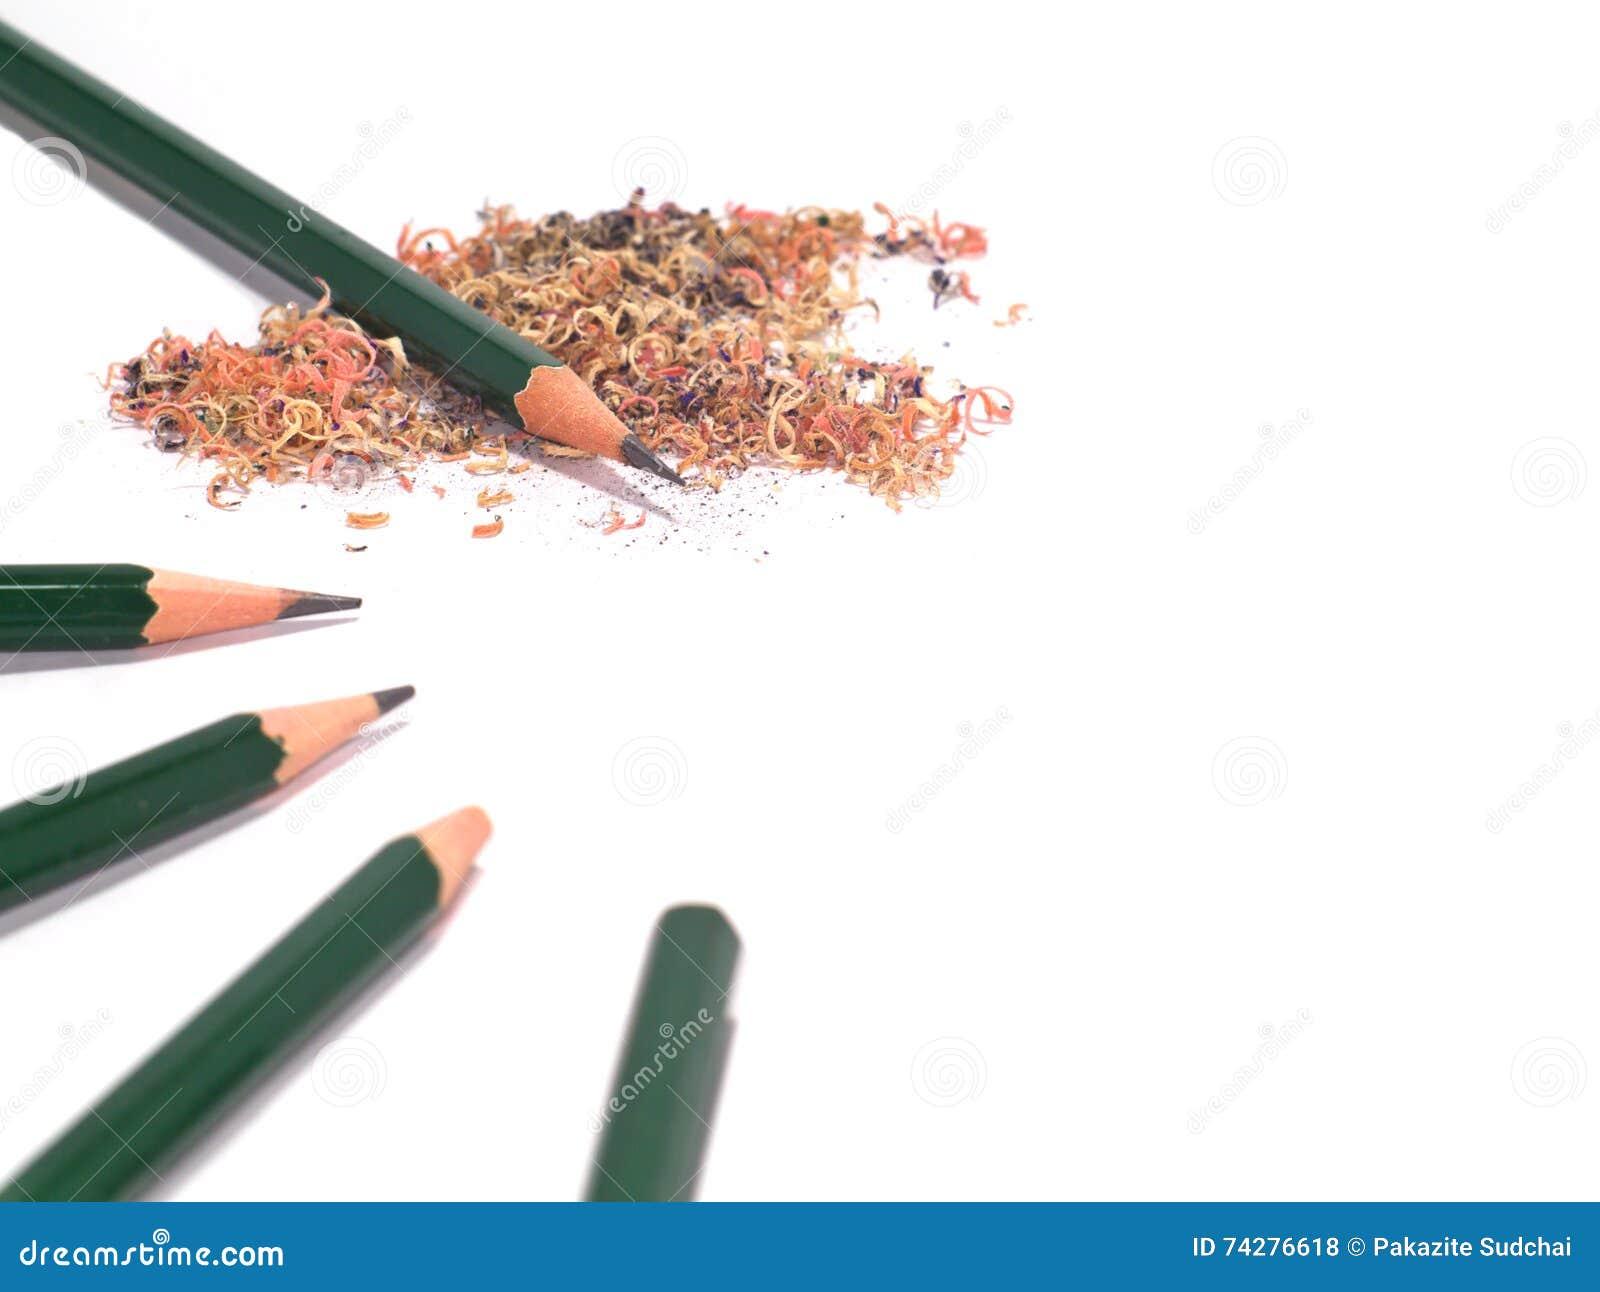 Fünf geschärft und unsharpened grüne Bleistifte mit Bleistiftsägemehl